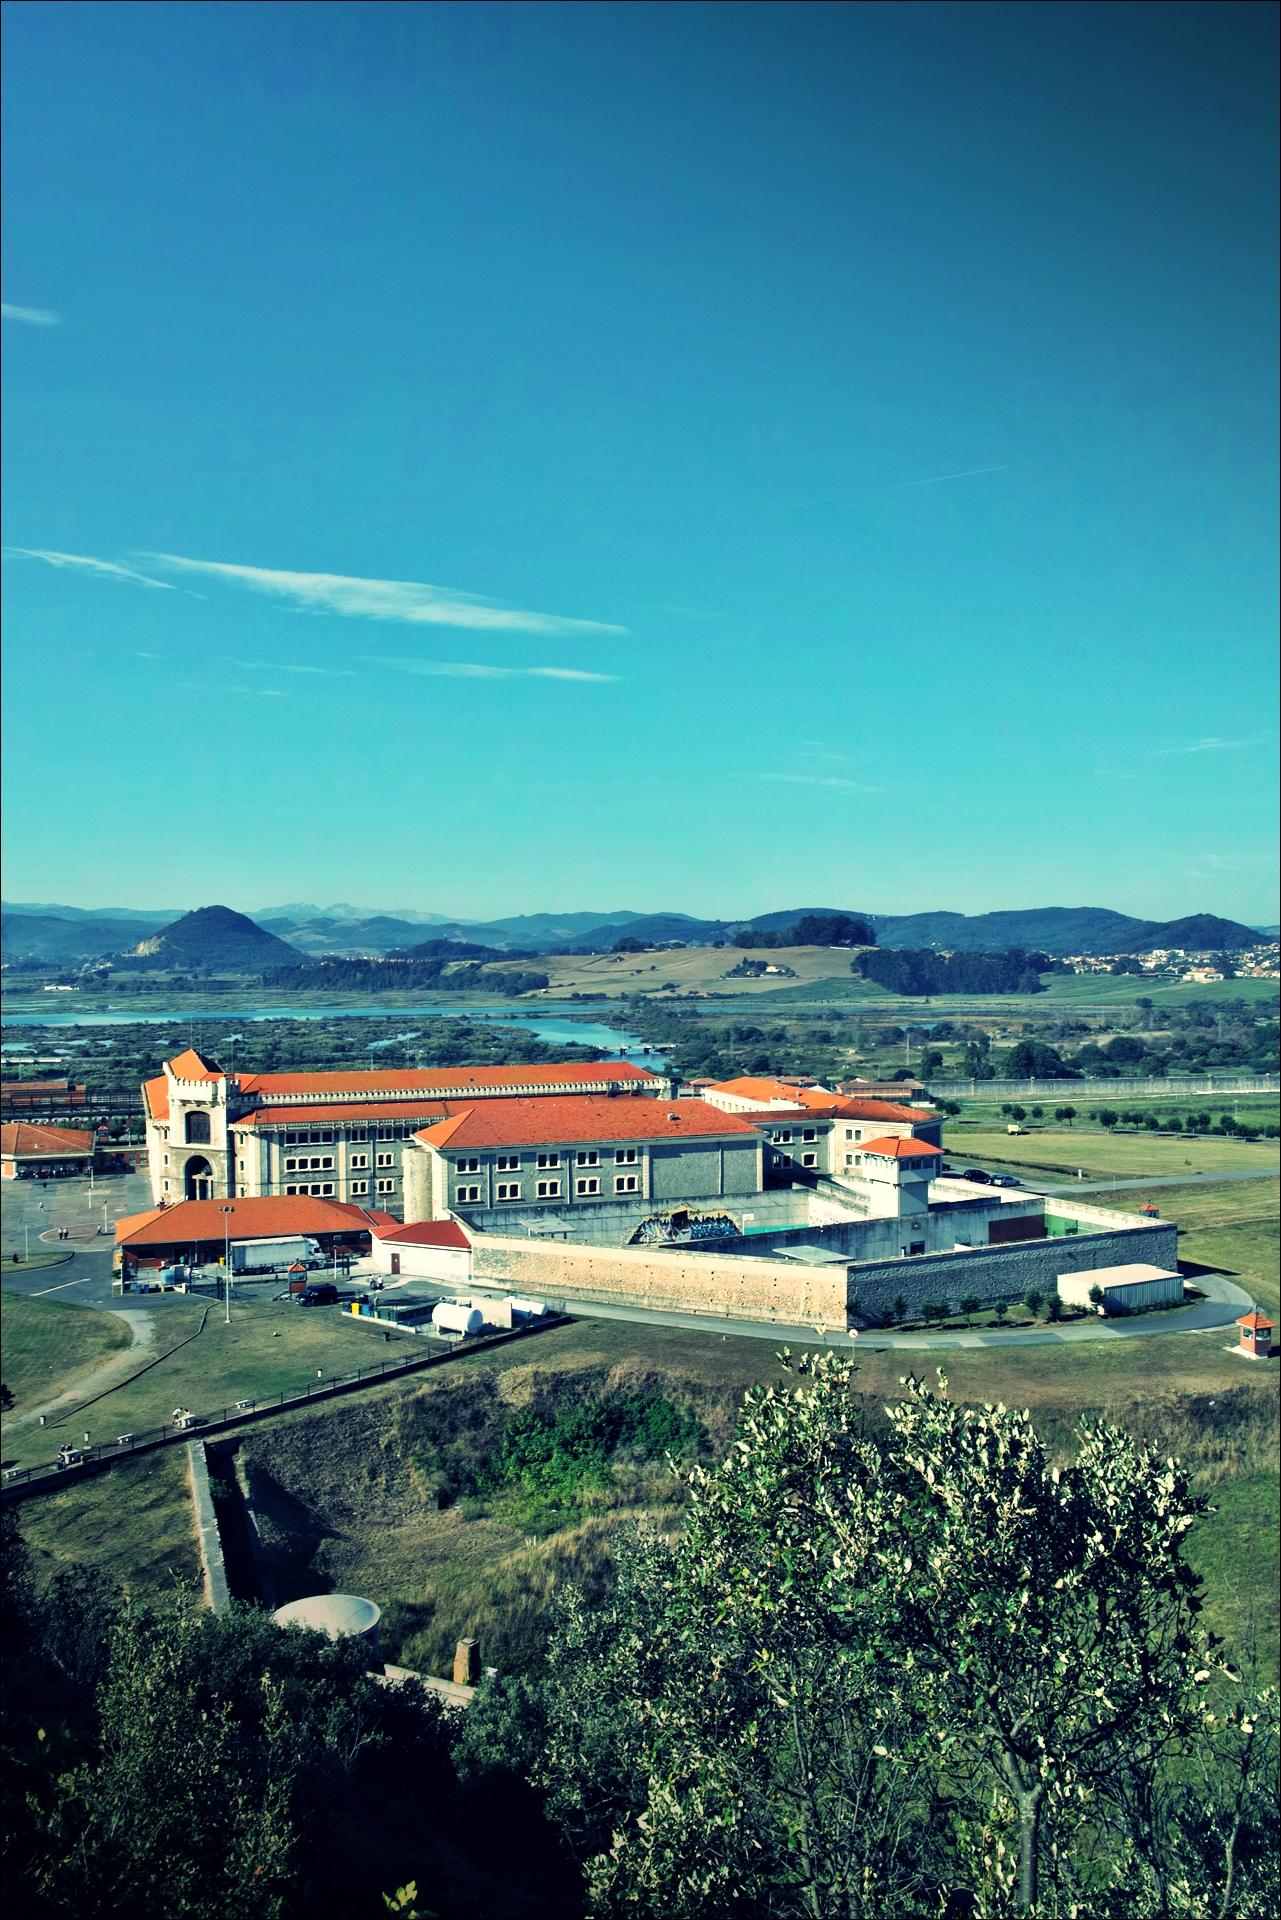 교도소-'카미노 데 산티아고 북쪽길. 산토냐에서 노하. (Camino del Norte - Santoña to Noja)'